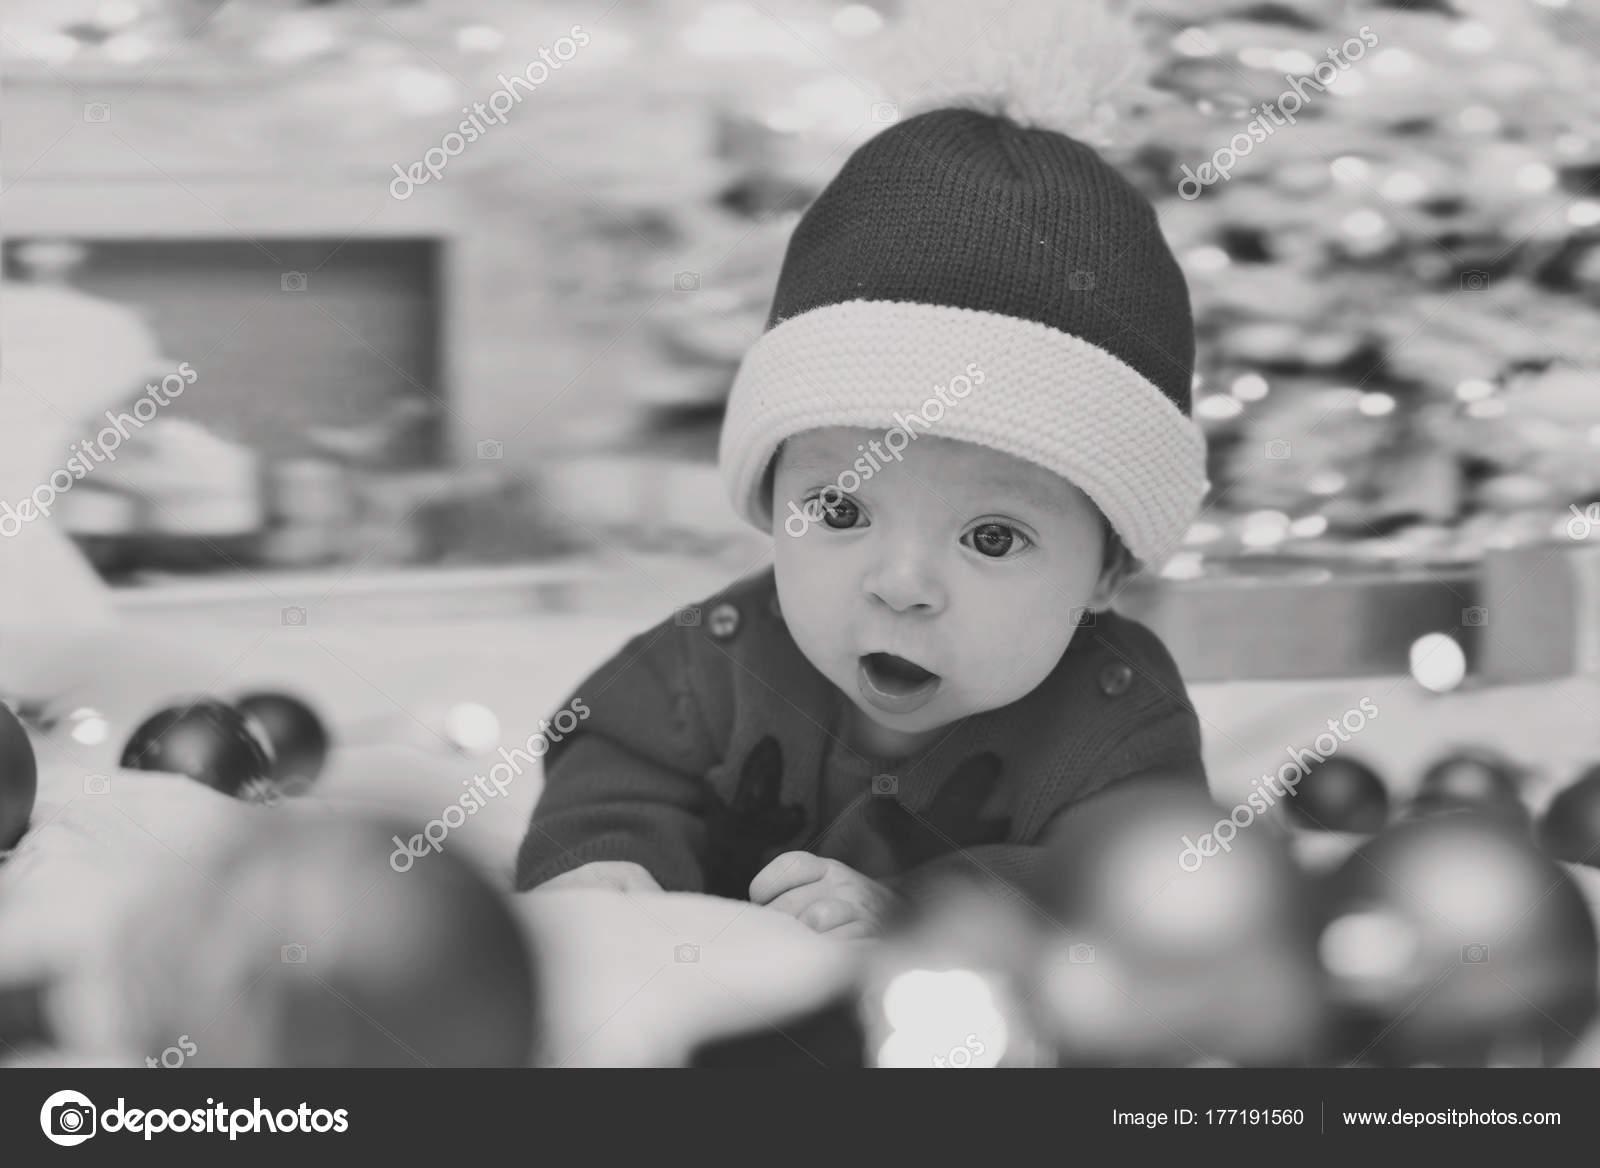 89f2cdcbee1a2 Portrait de mignon petit bébé nouveau-né en habits de Noël et portant  bonnet de Noel– images de stock libres de droits